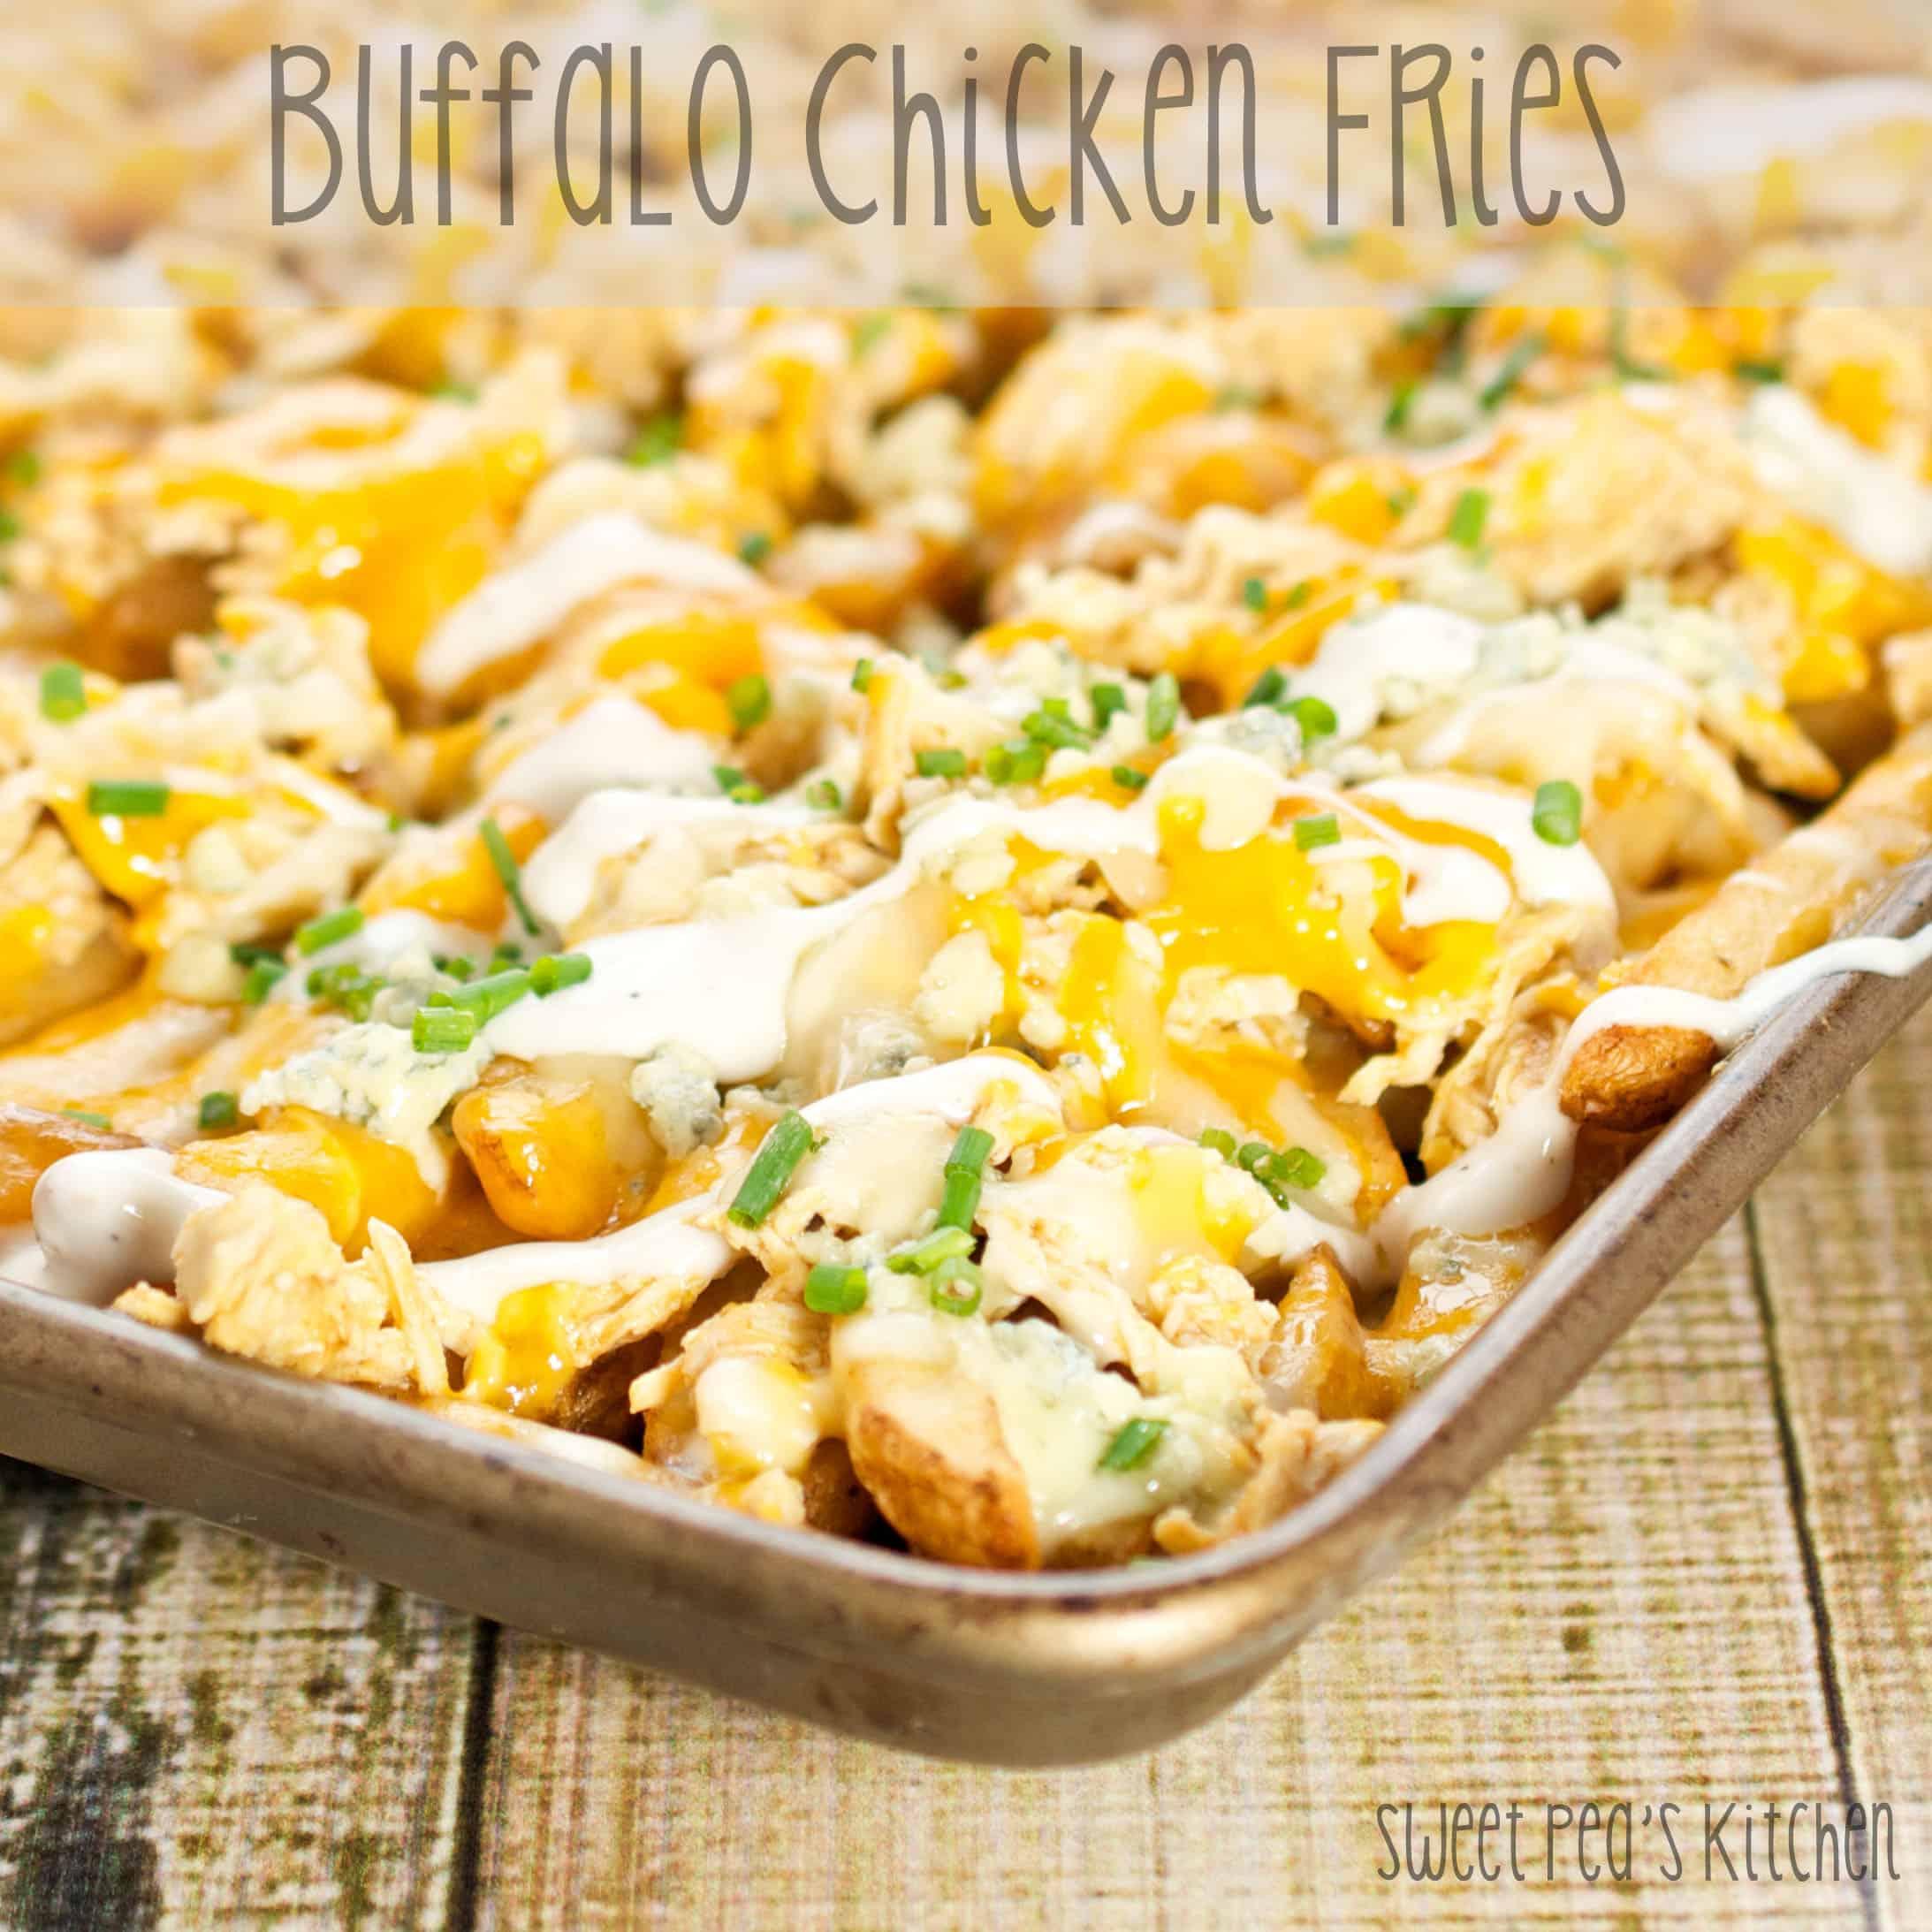 Loaded Buffalo Chicken Fries